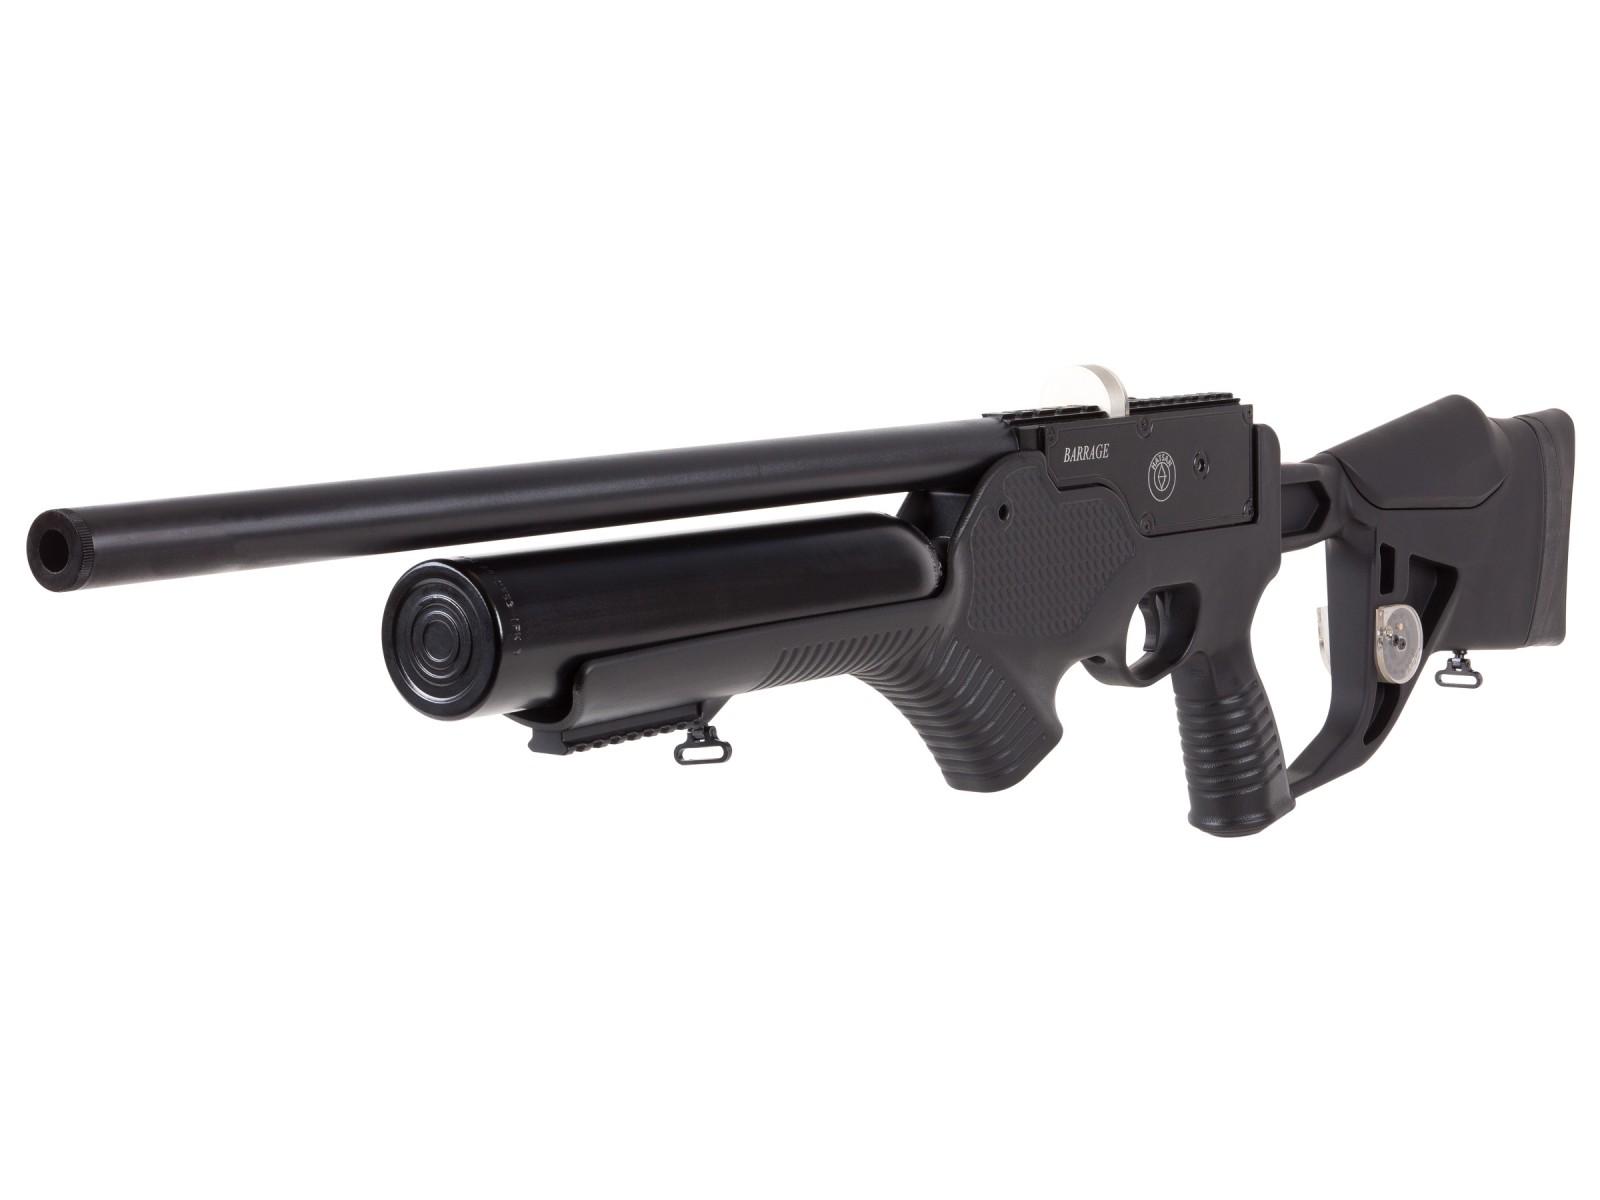 Hatsan Barrage Semi-Auto PCP Air Rifle